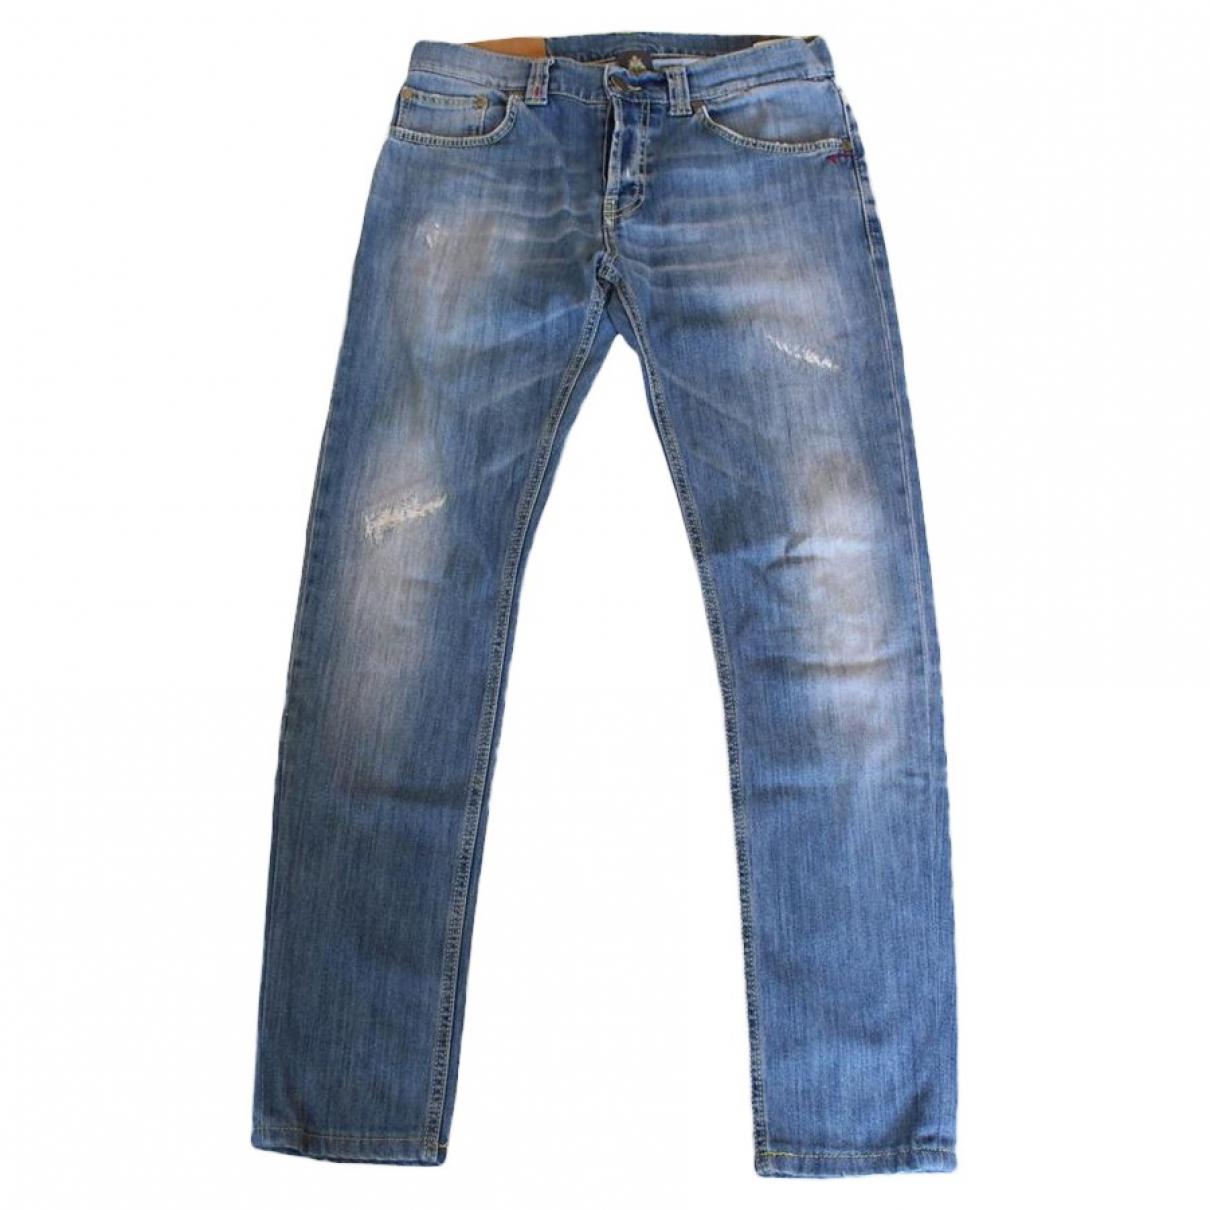 Pantalon en Denim - Vaquero Azul Dondup